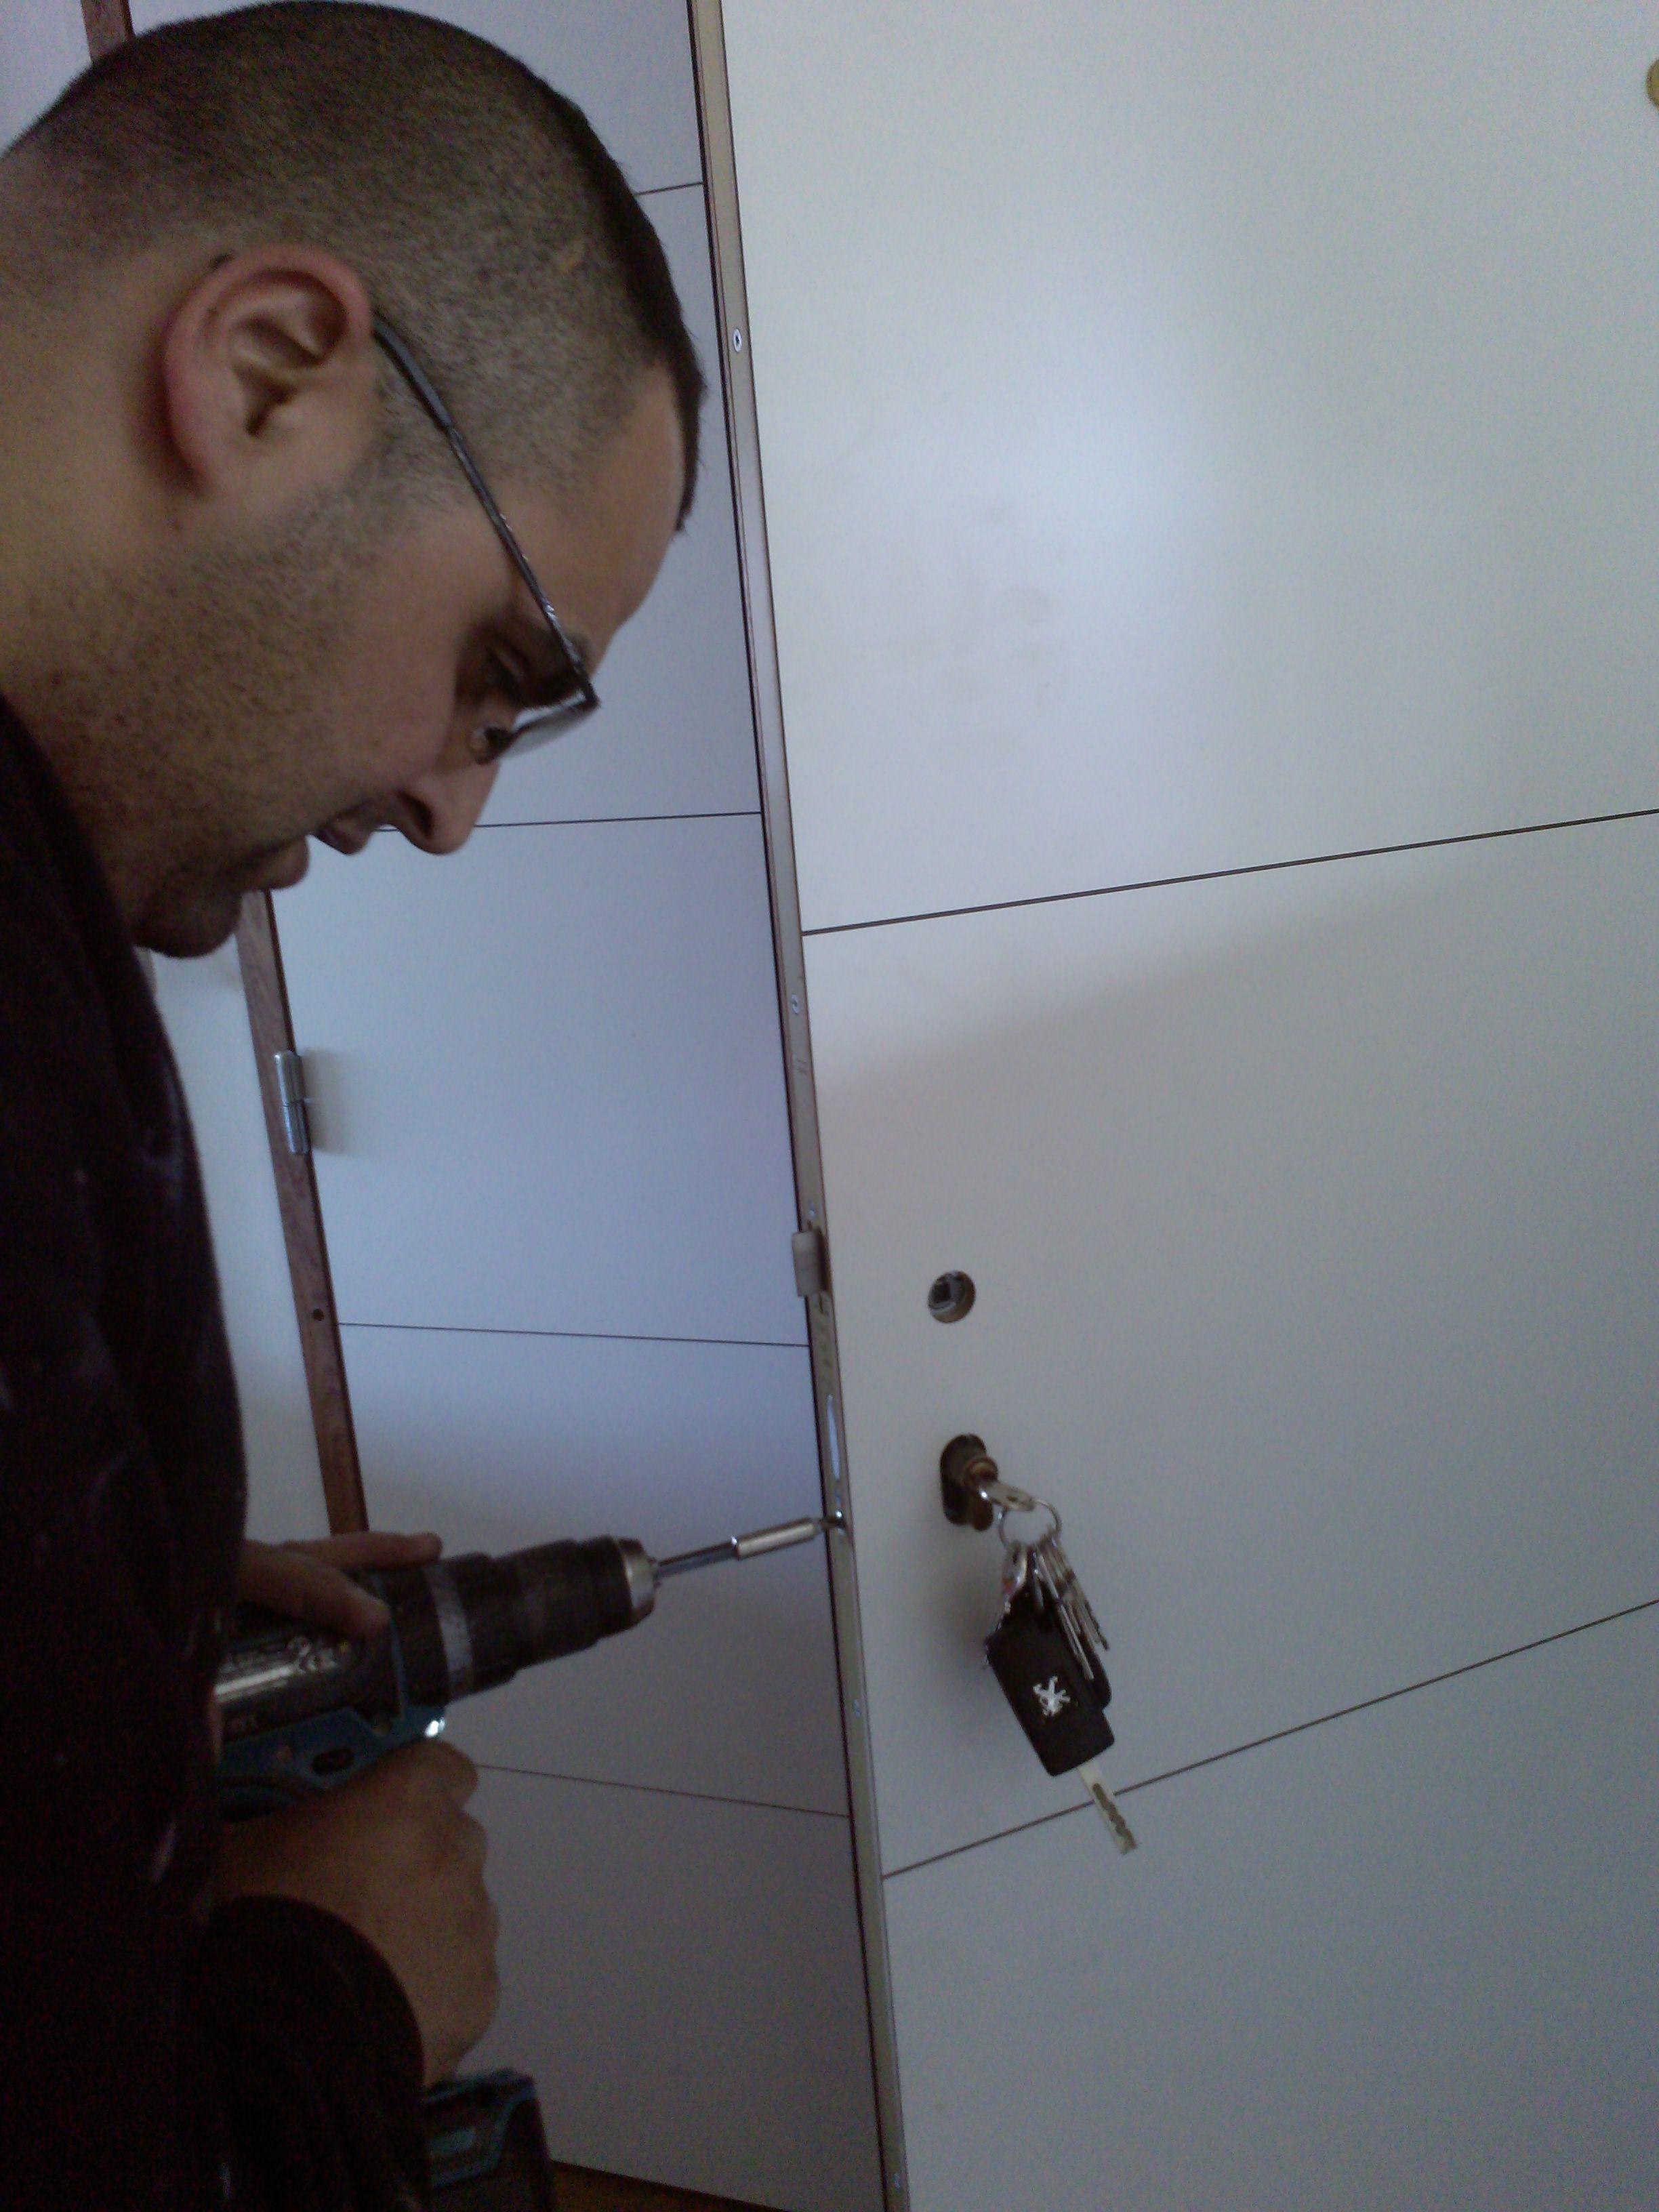 Porte pali re var installateur porte d 39 appartement les masters menuisiers entreprise de - Portes palieres appartements ...